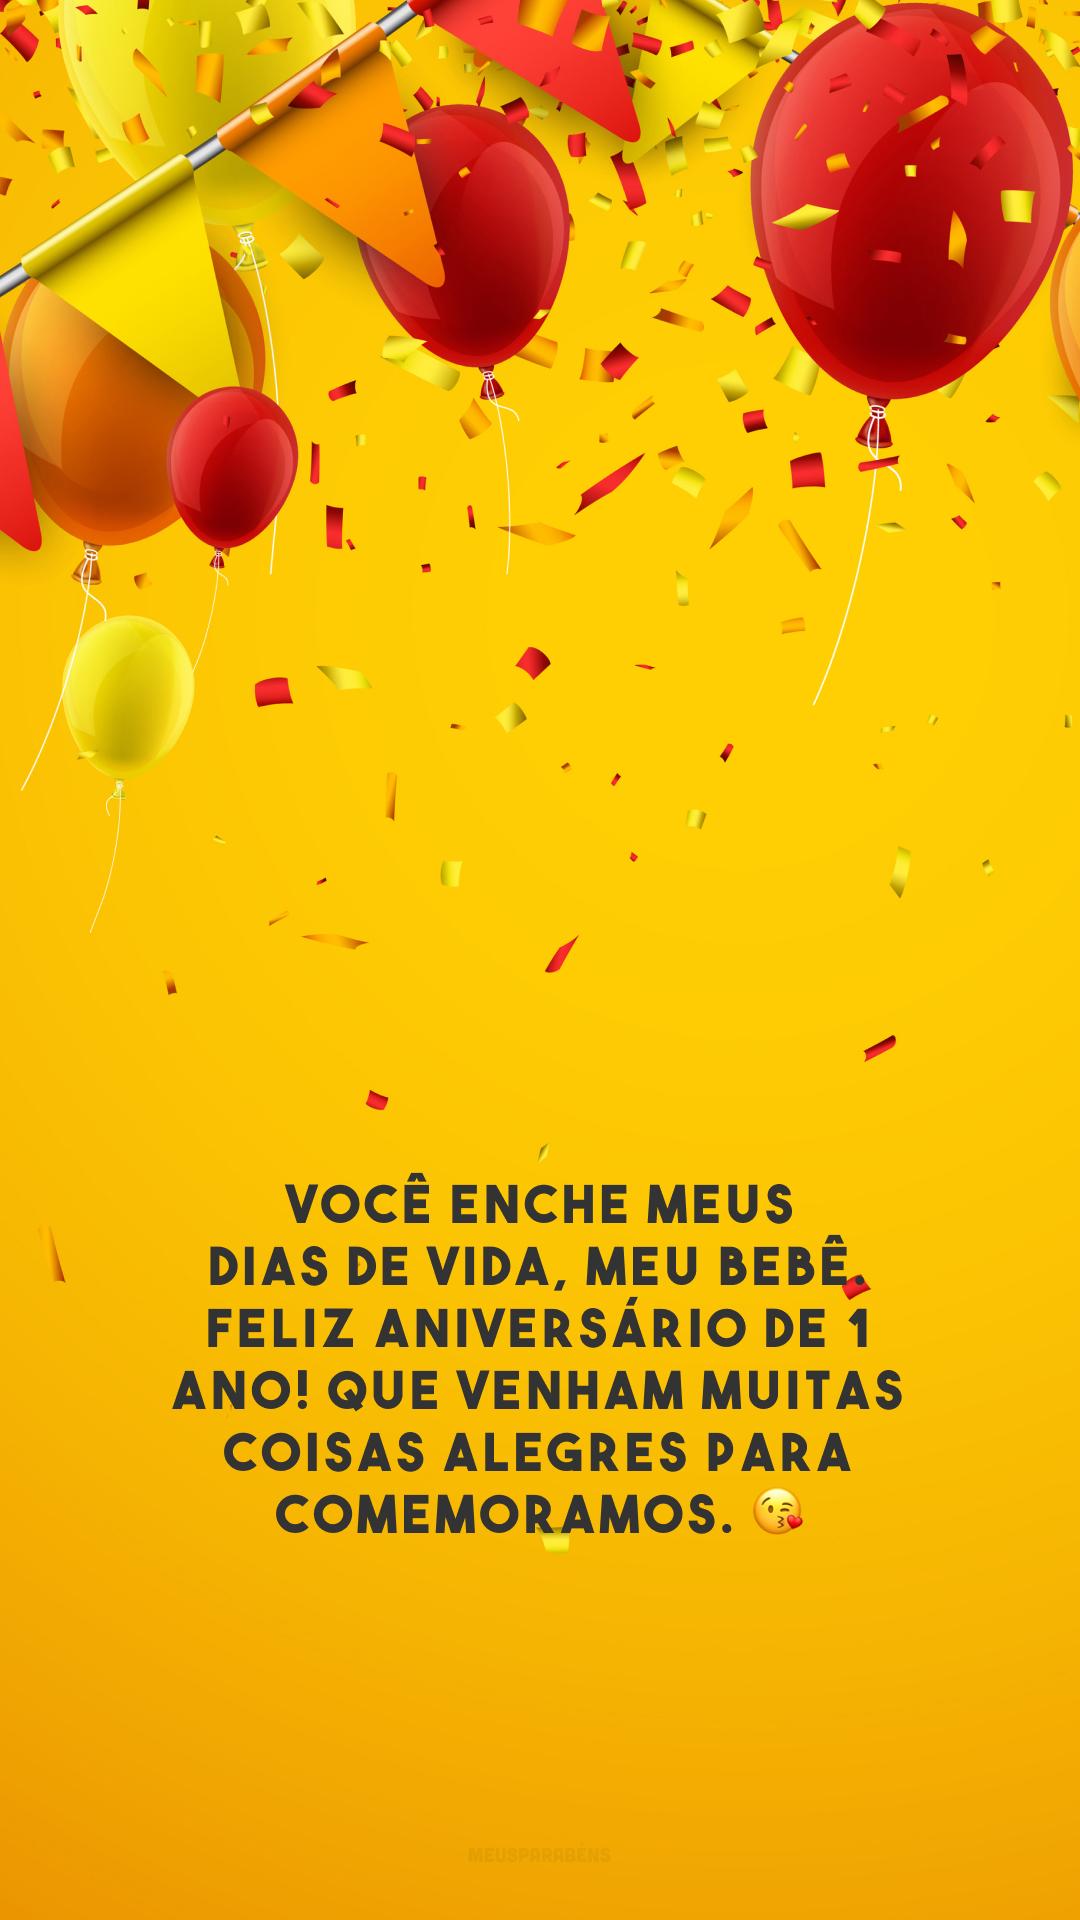 Você enche meus dias de vida, meu bebê. Feliz aniversário de 1 ano! Que venham muitas coisas alegres para comemoramos. 😘